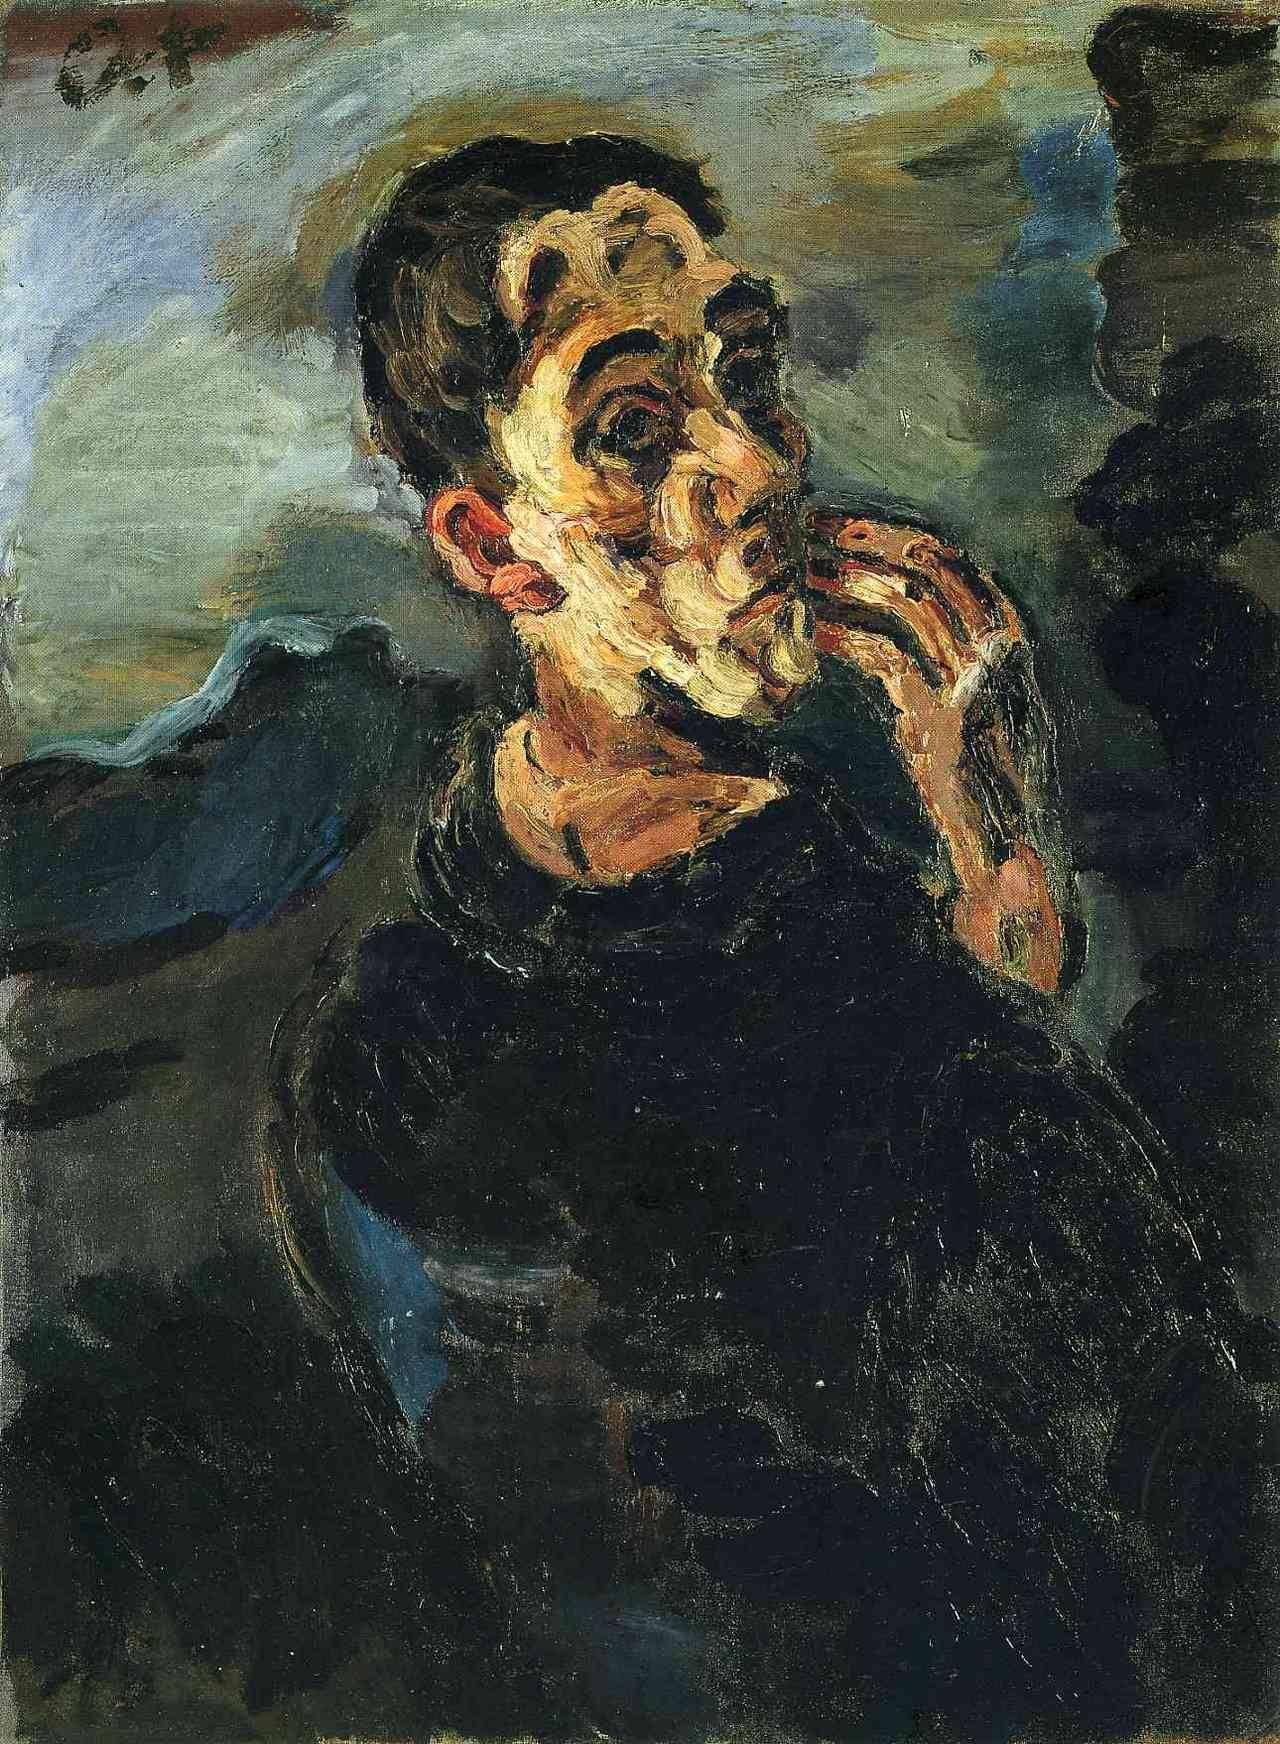 Oskar Kokoschka, Autoritratto con mano alla bocca (1918-1919; olio su tela, 83,6 x 62,8 cm; Collezione privata)